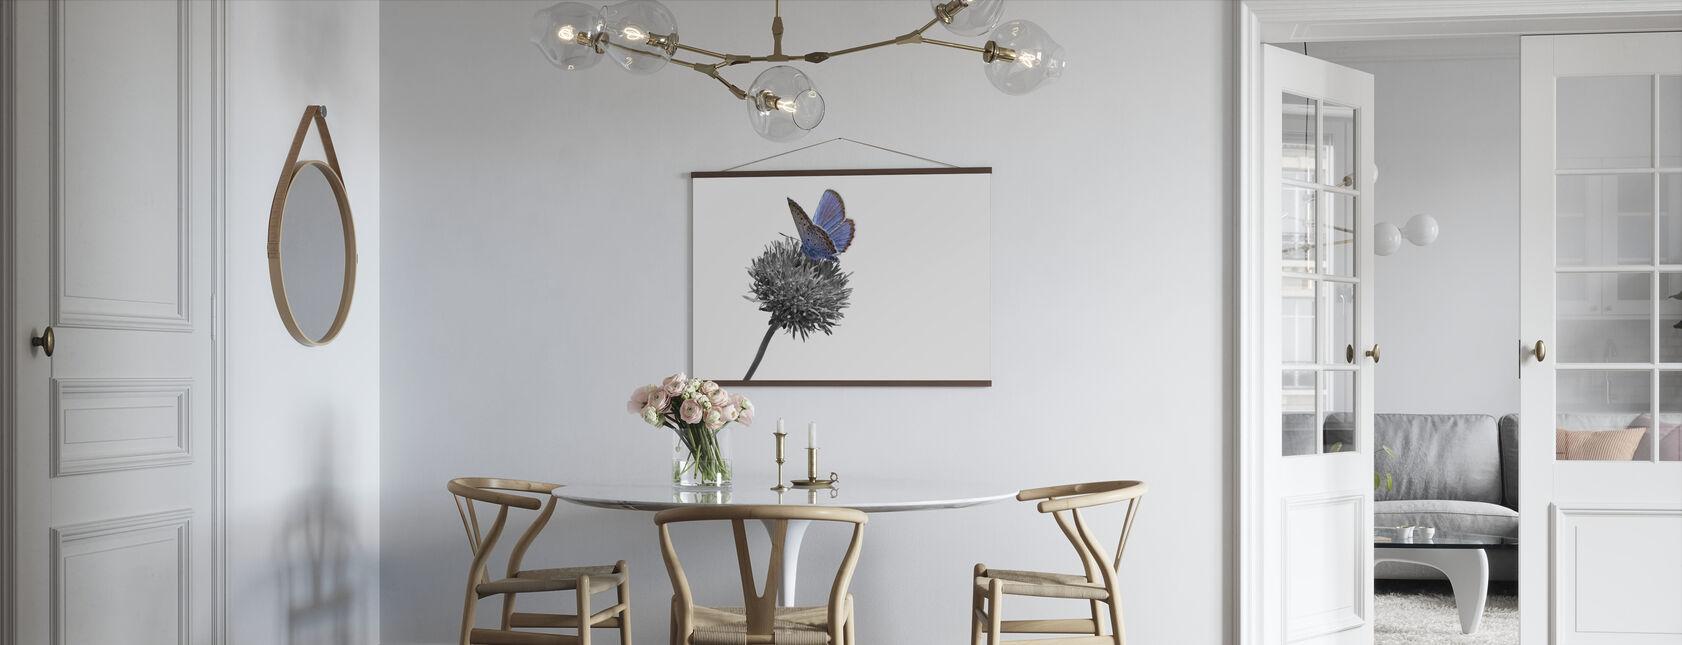 Julius Vlinder - Colorsplash - Poster - Keuken